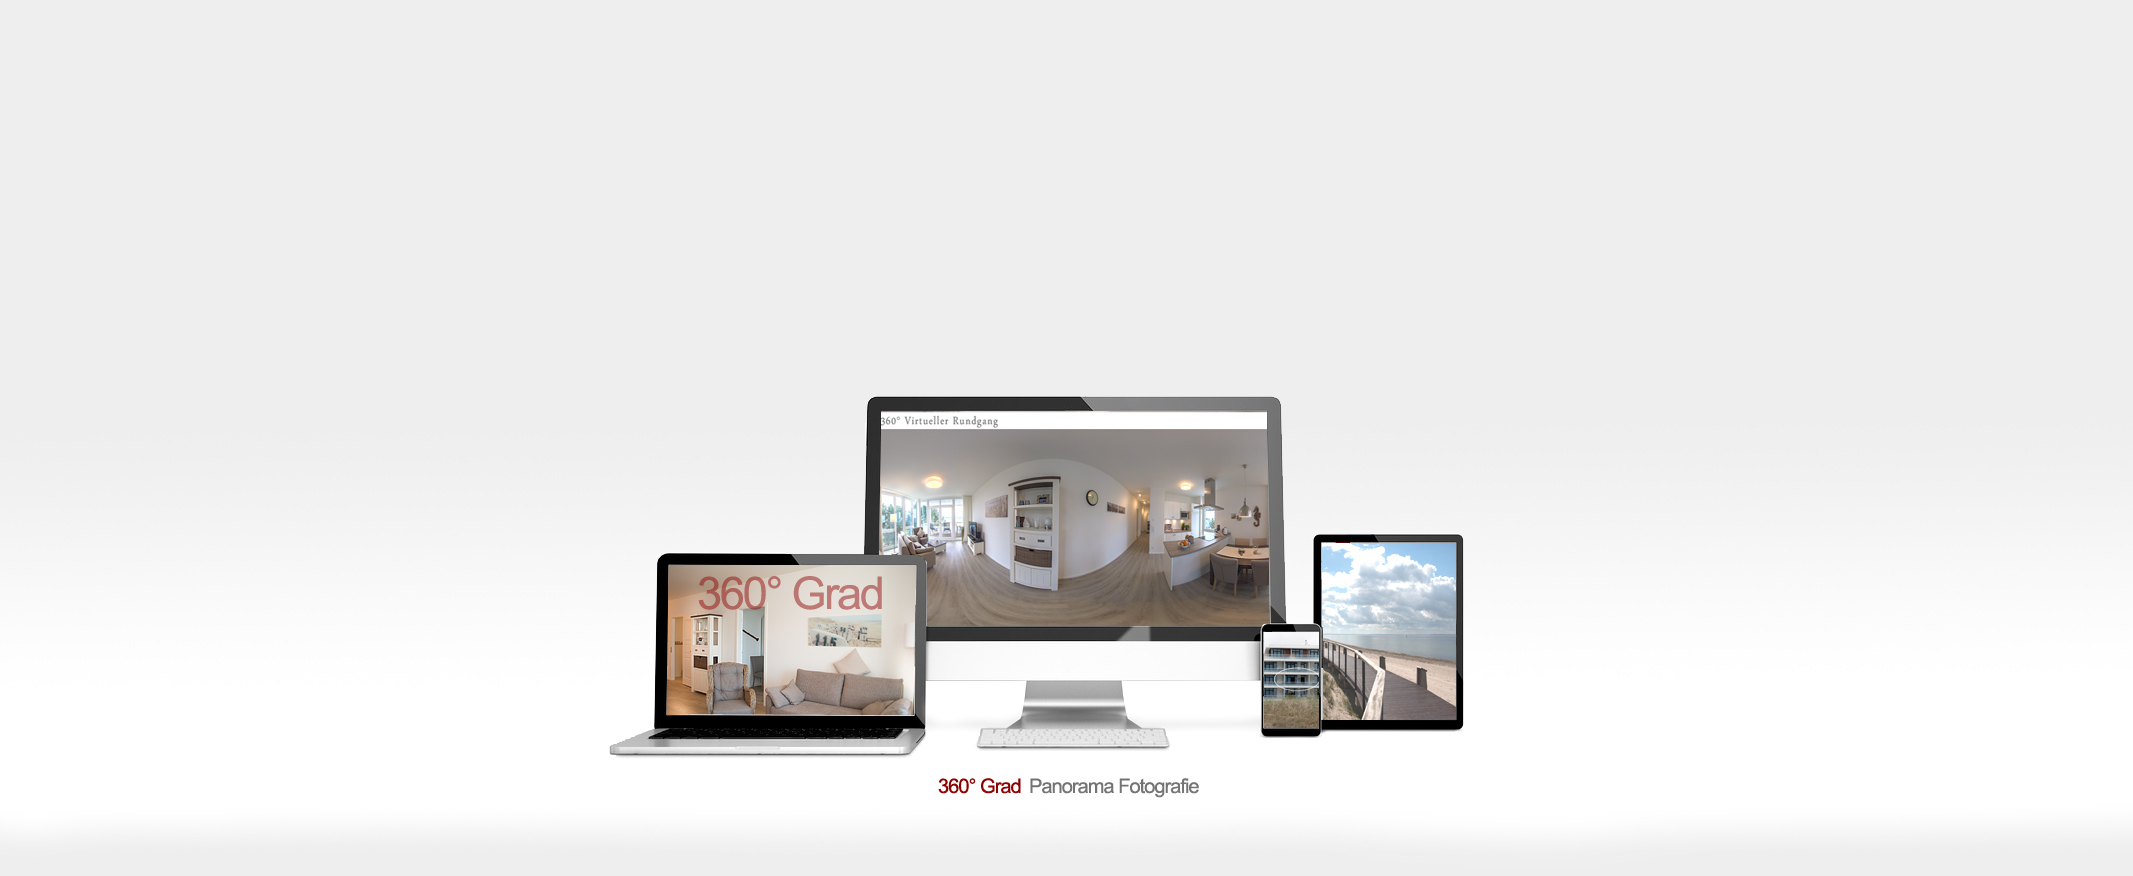 360 Grad panoramafotografie Webdesign Webseiten Erstellung